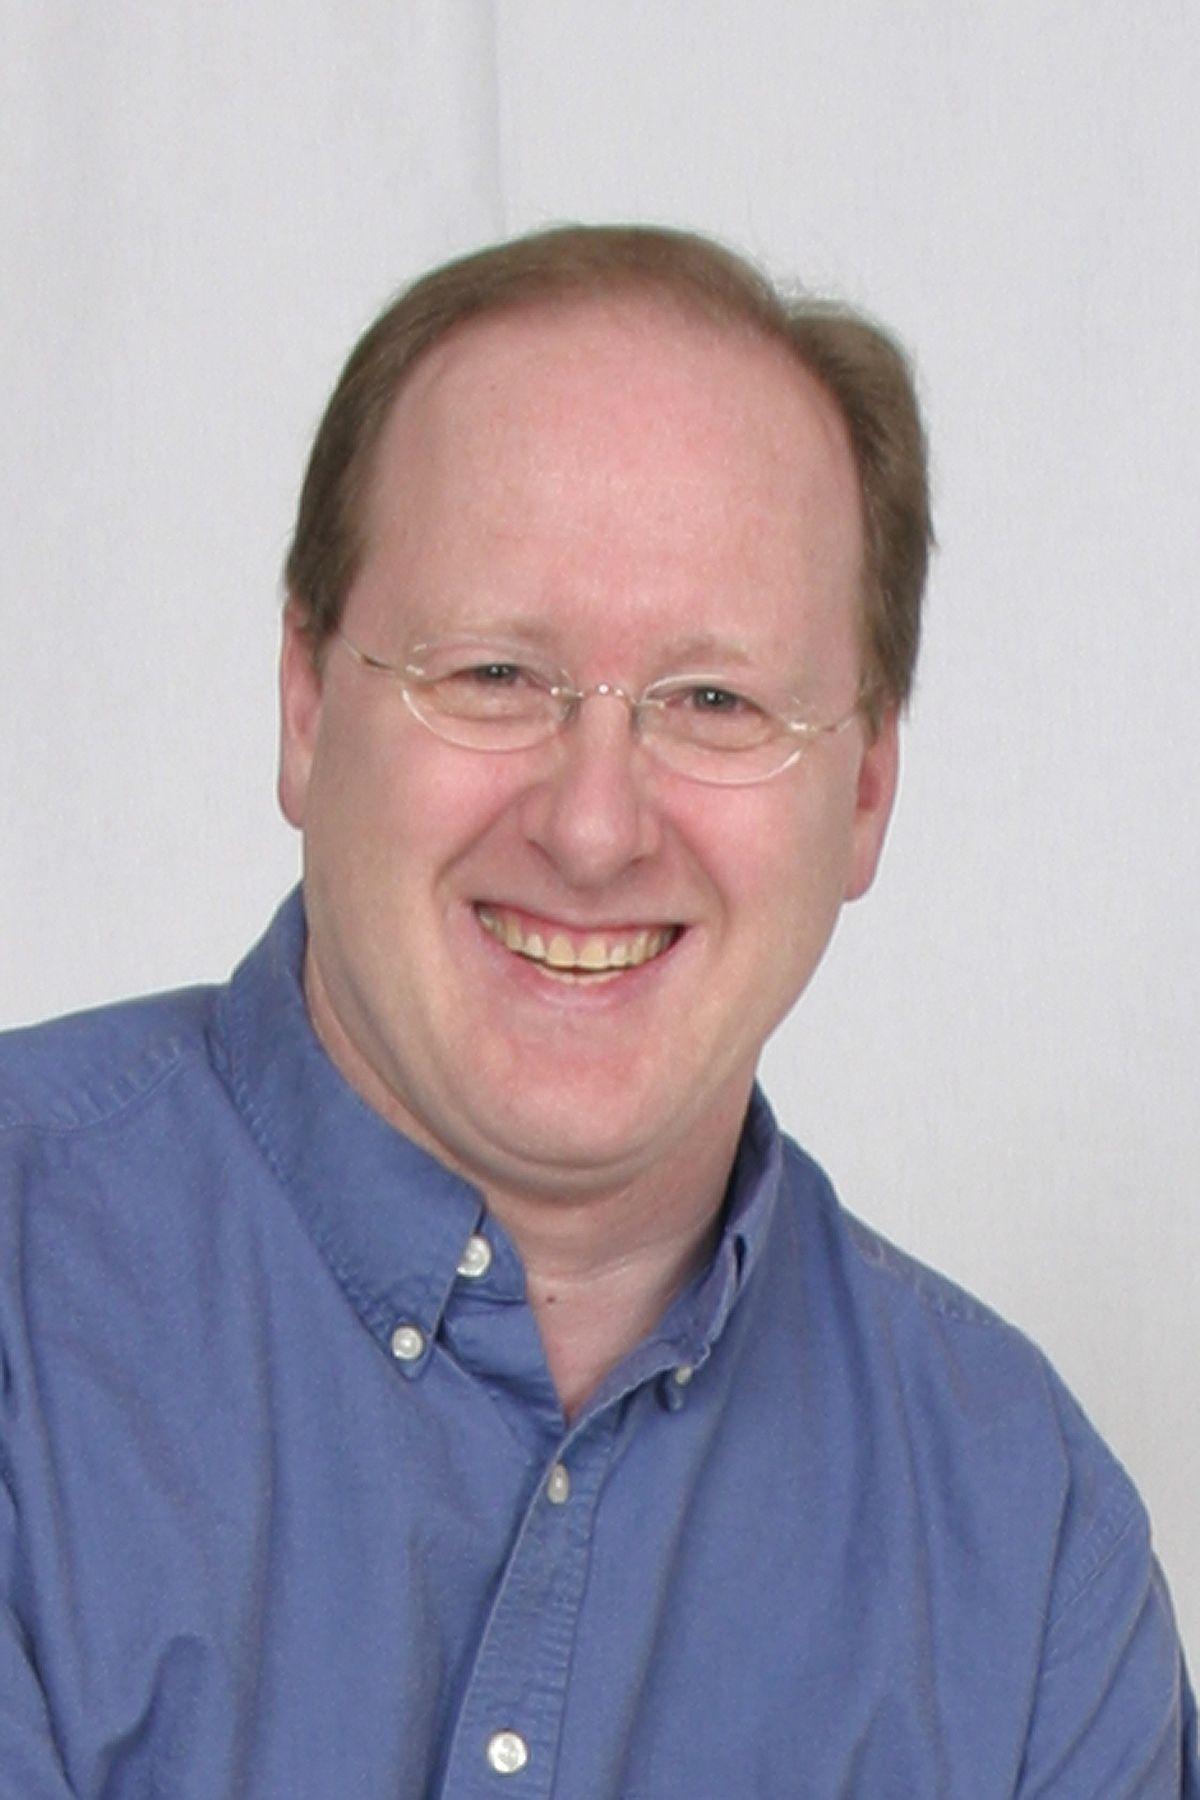 Dr. Richard Carriveau